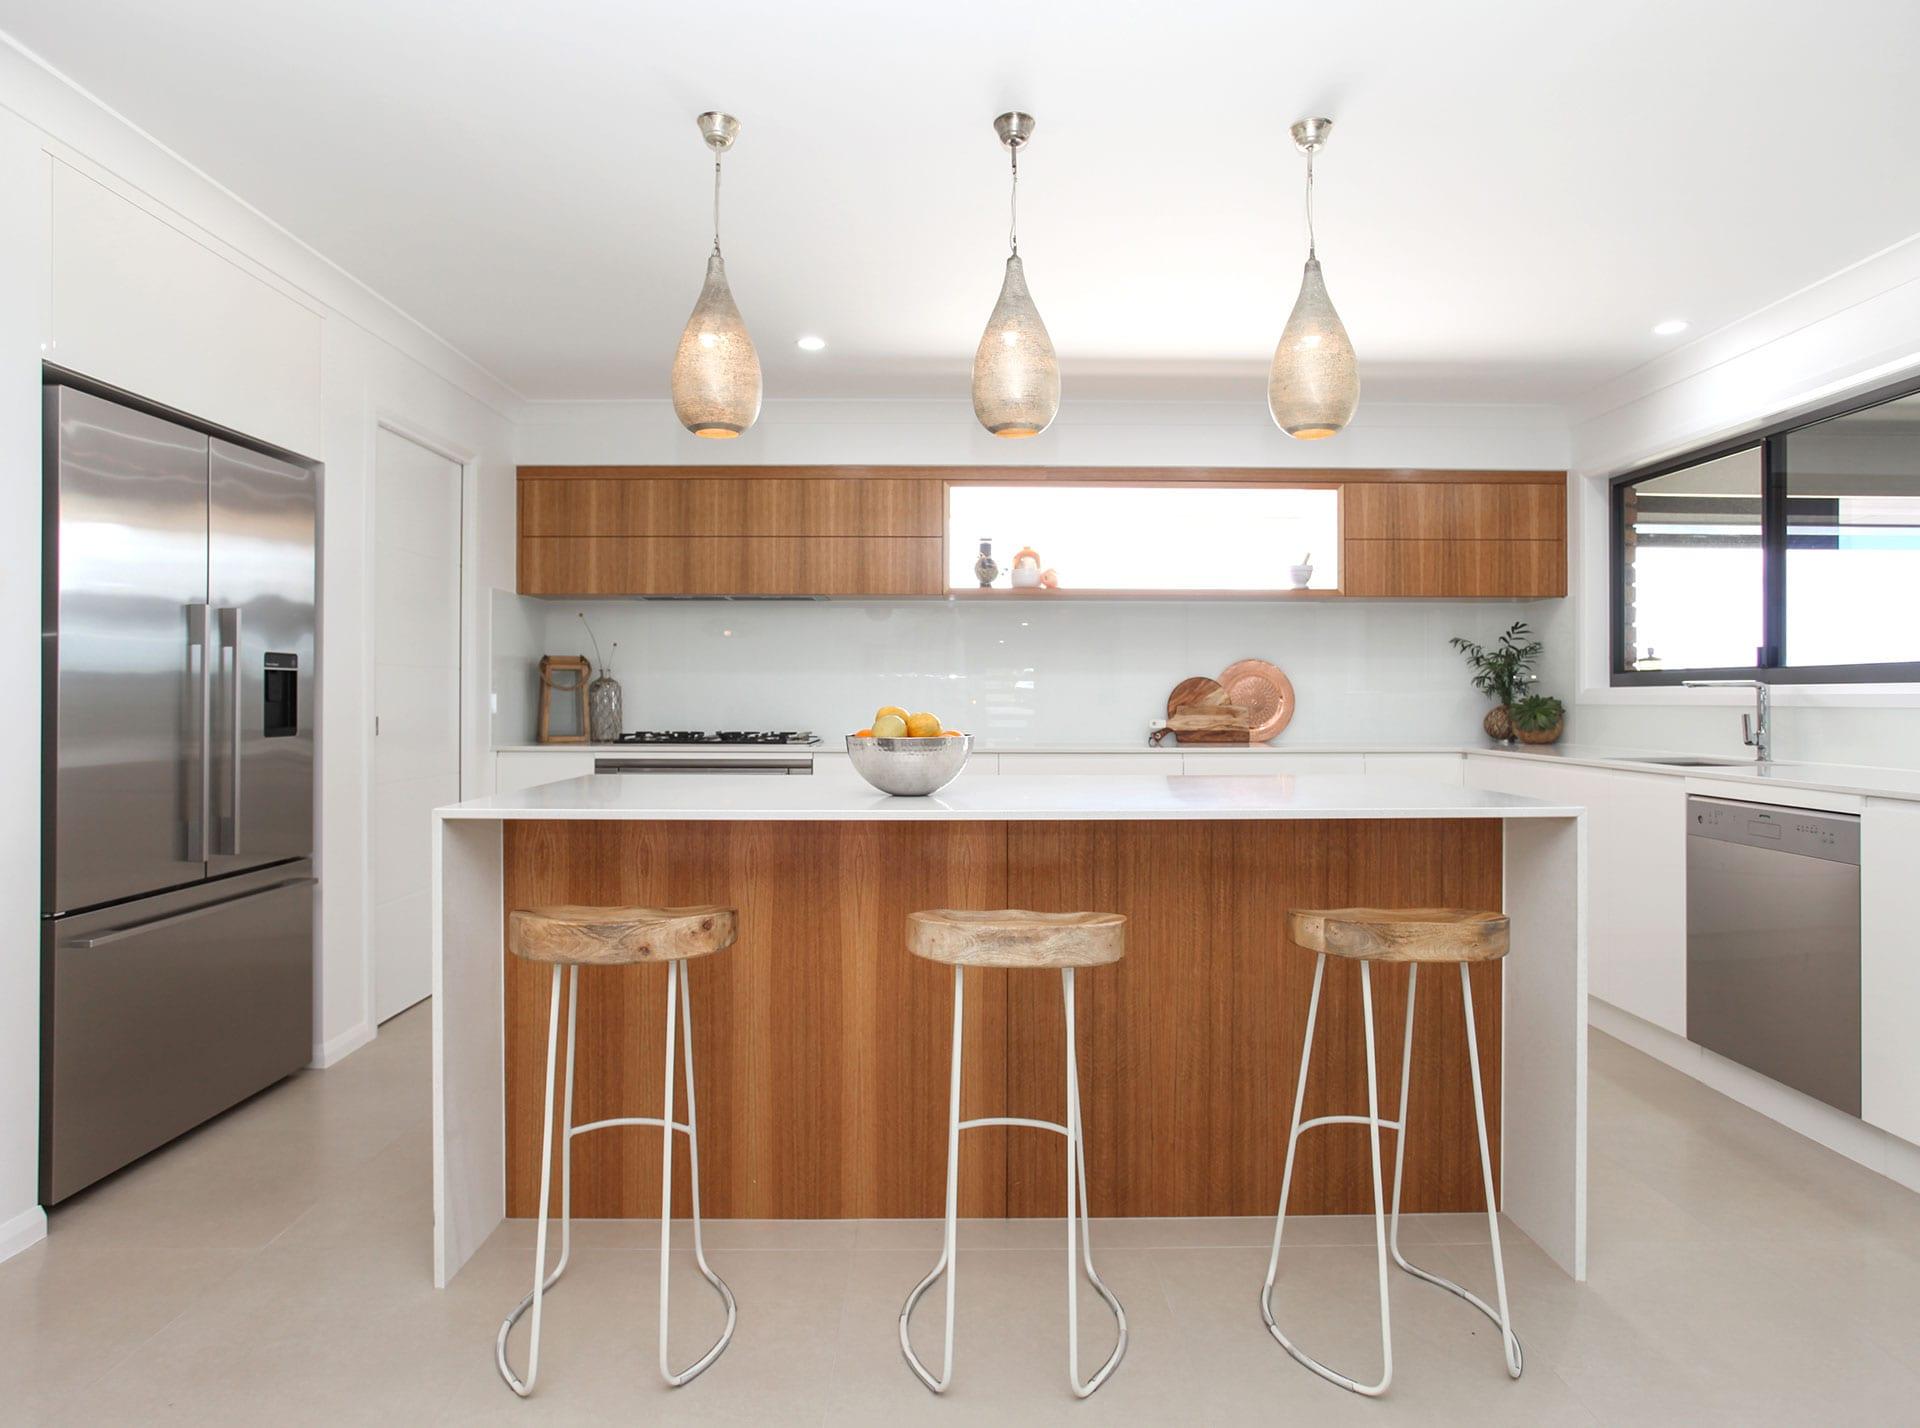 Roy Court, kitchen